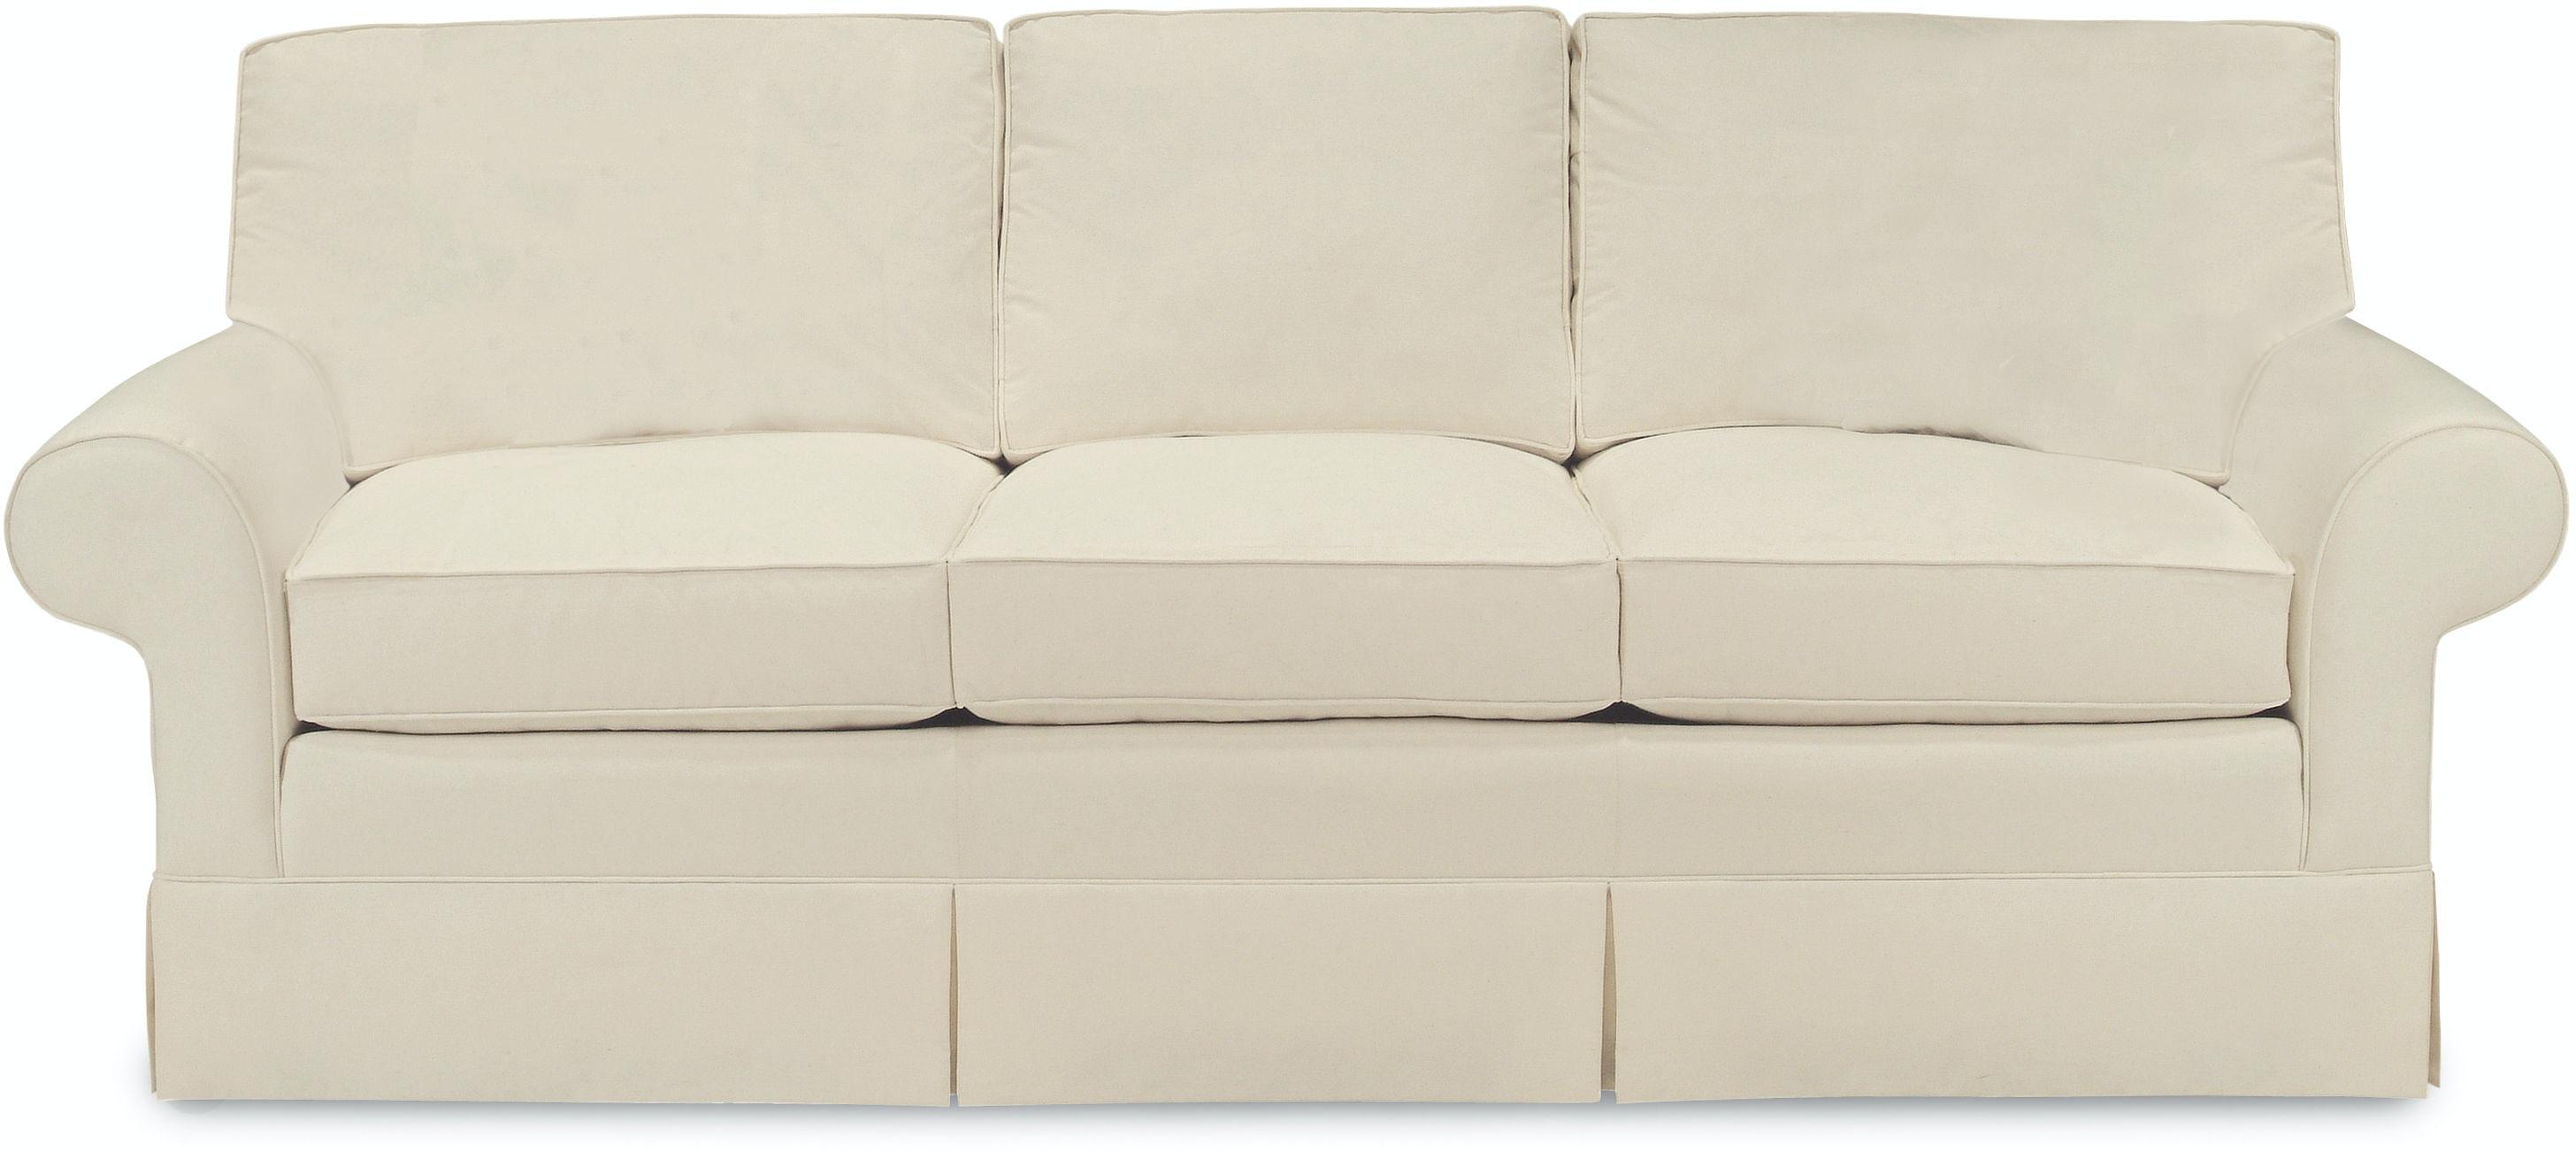 Kravet Smart Harvard Sleeper Sofa S821D SS Kravet New York NY